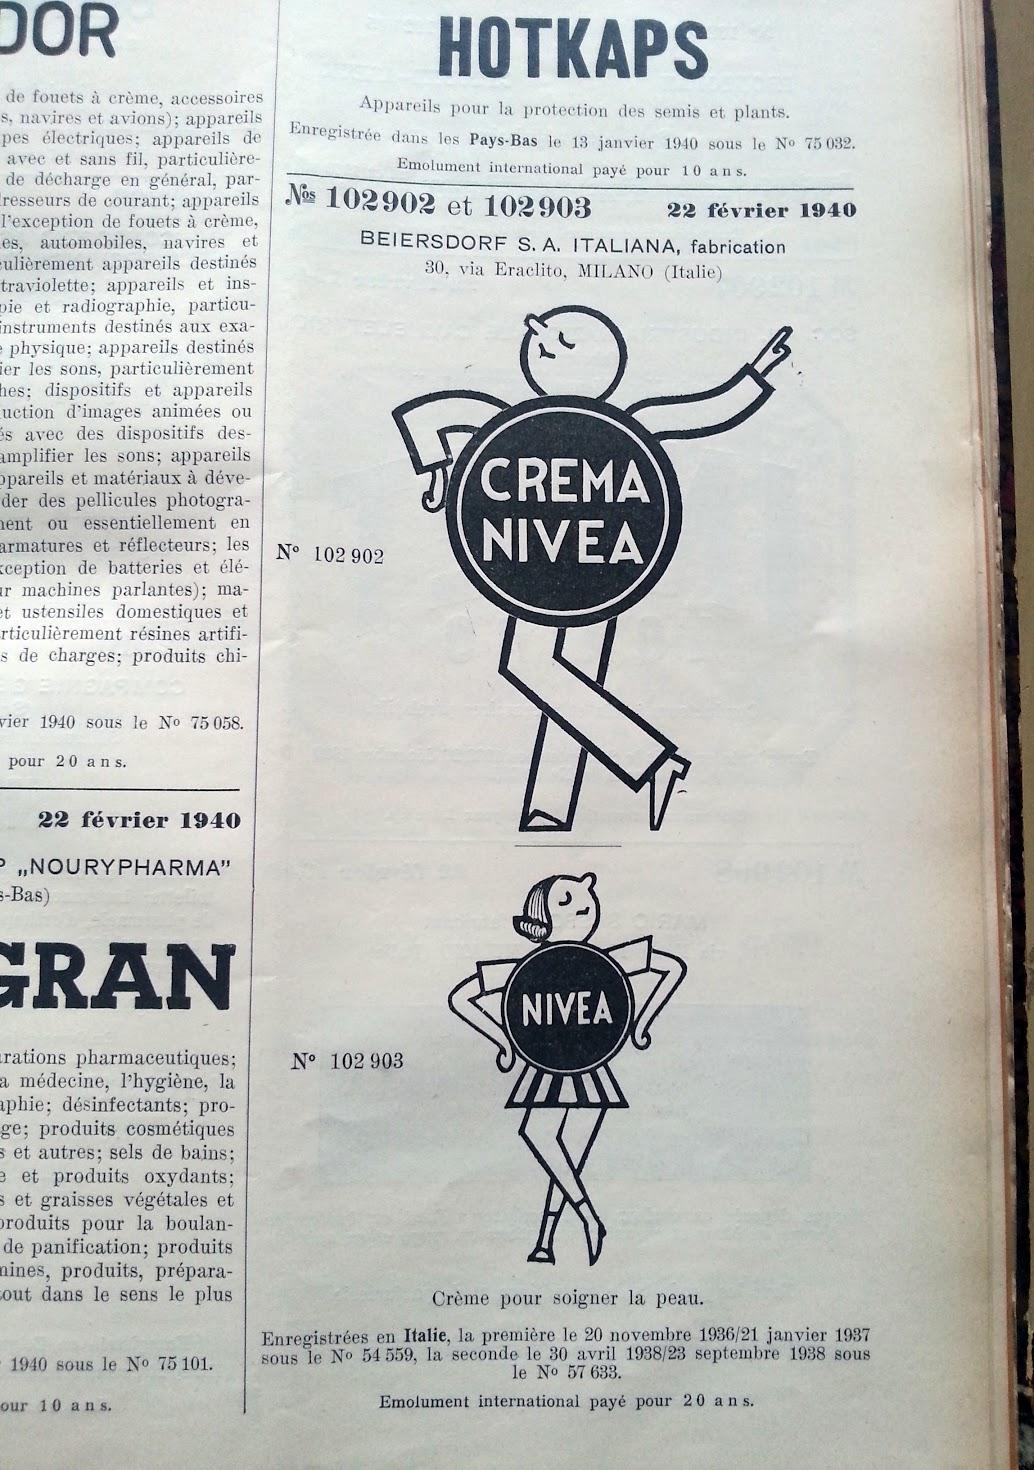 Trademark-Verzeichnis 1940 Nivea